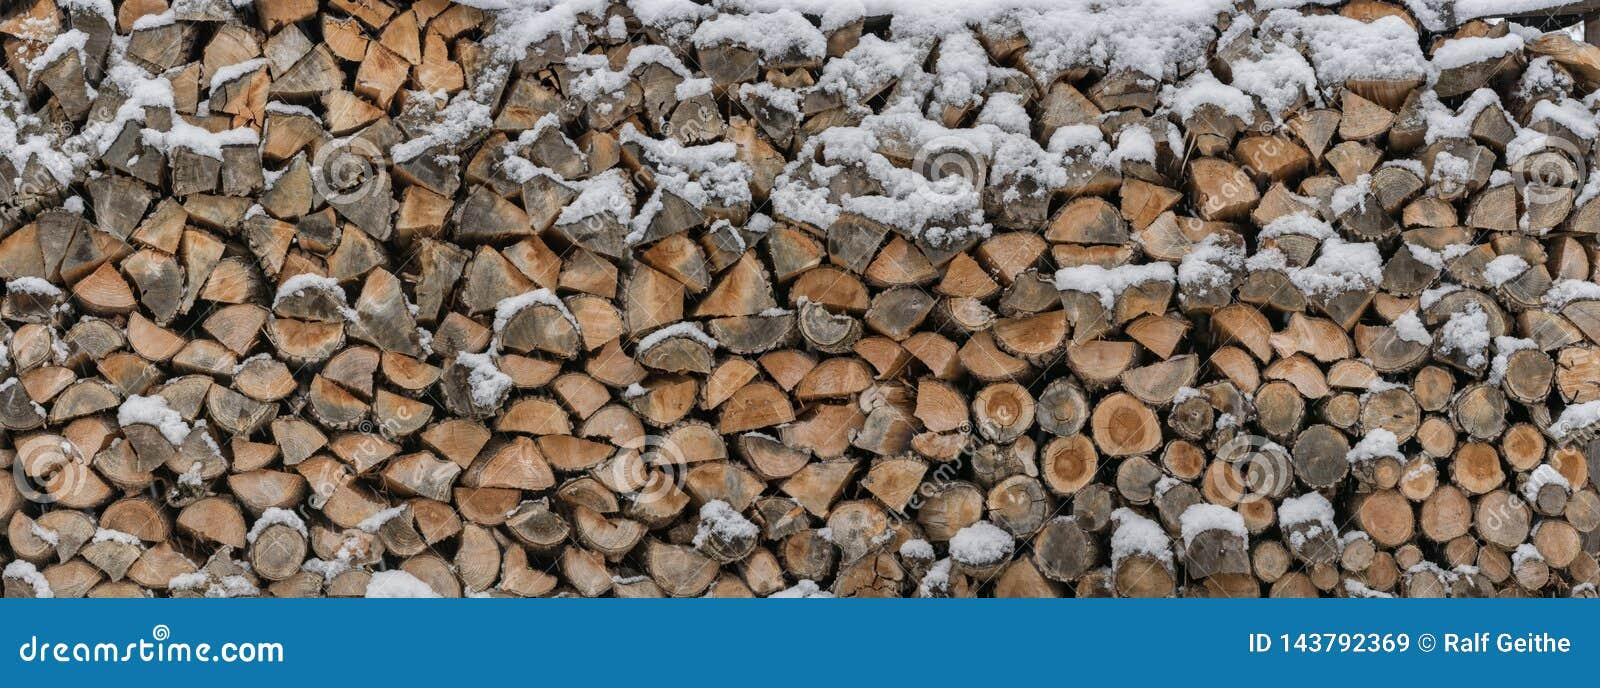 Brennholz wird im Schnee als hölzerne Beschaffenheit gespeichert